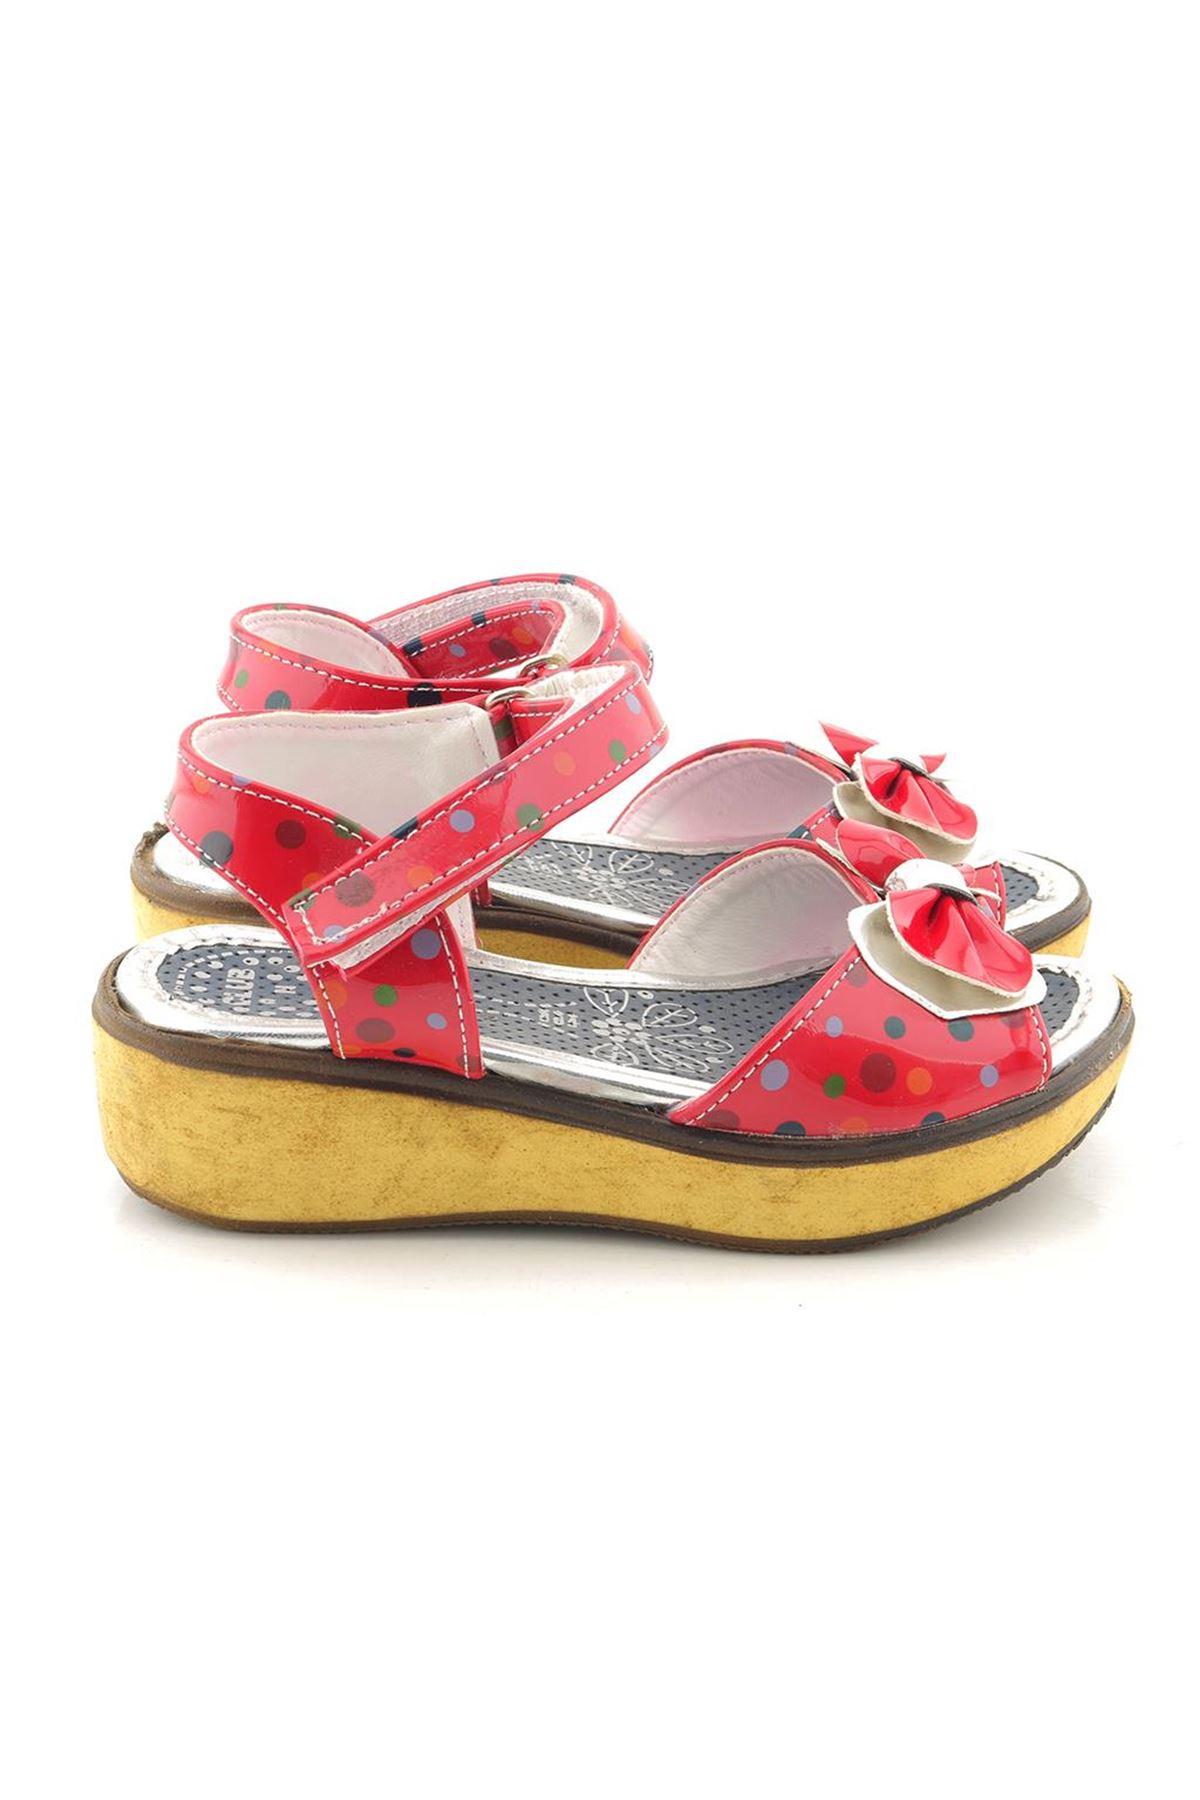 Kids World Kırmızı Puantiyeli Kız Çocuk Sandalet